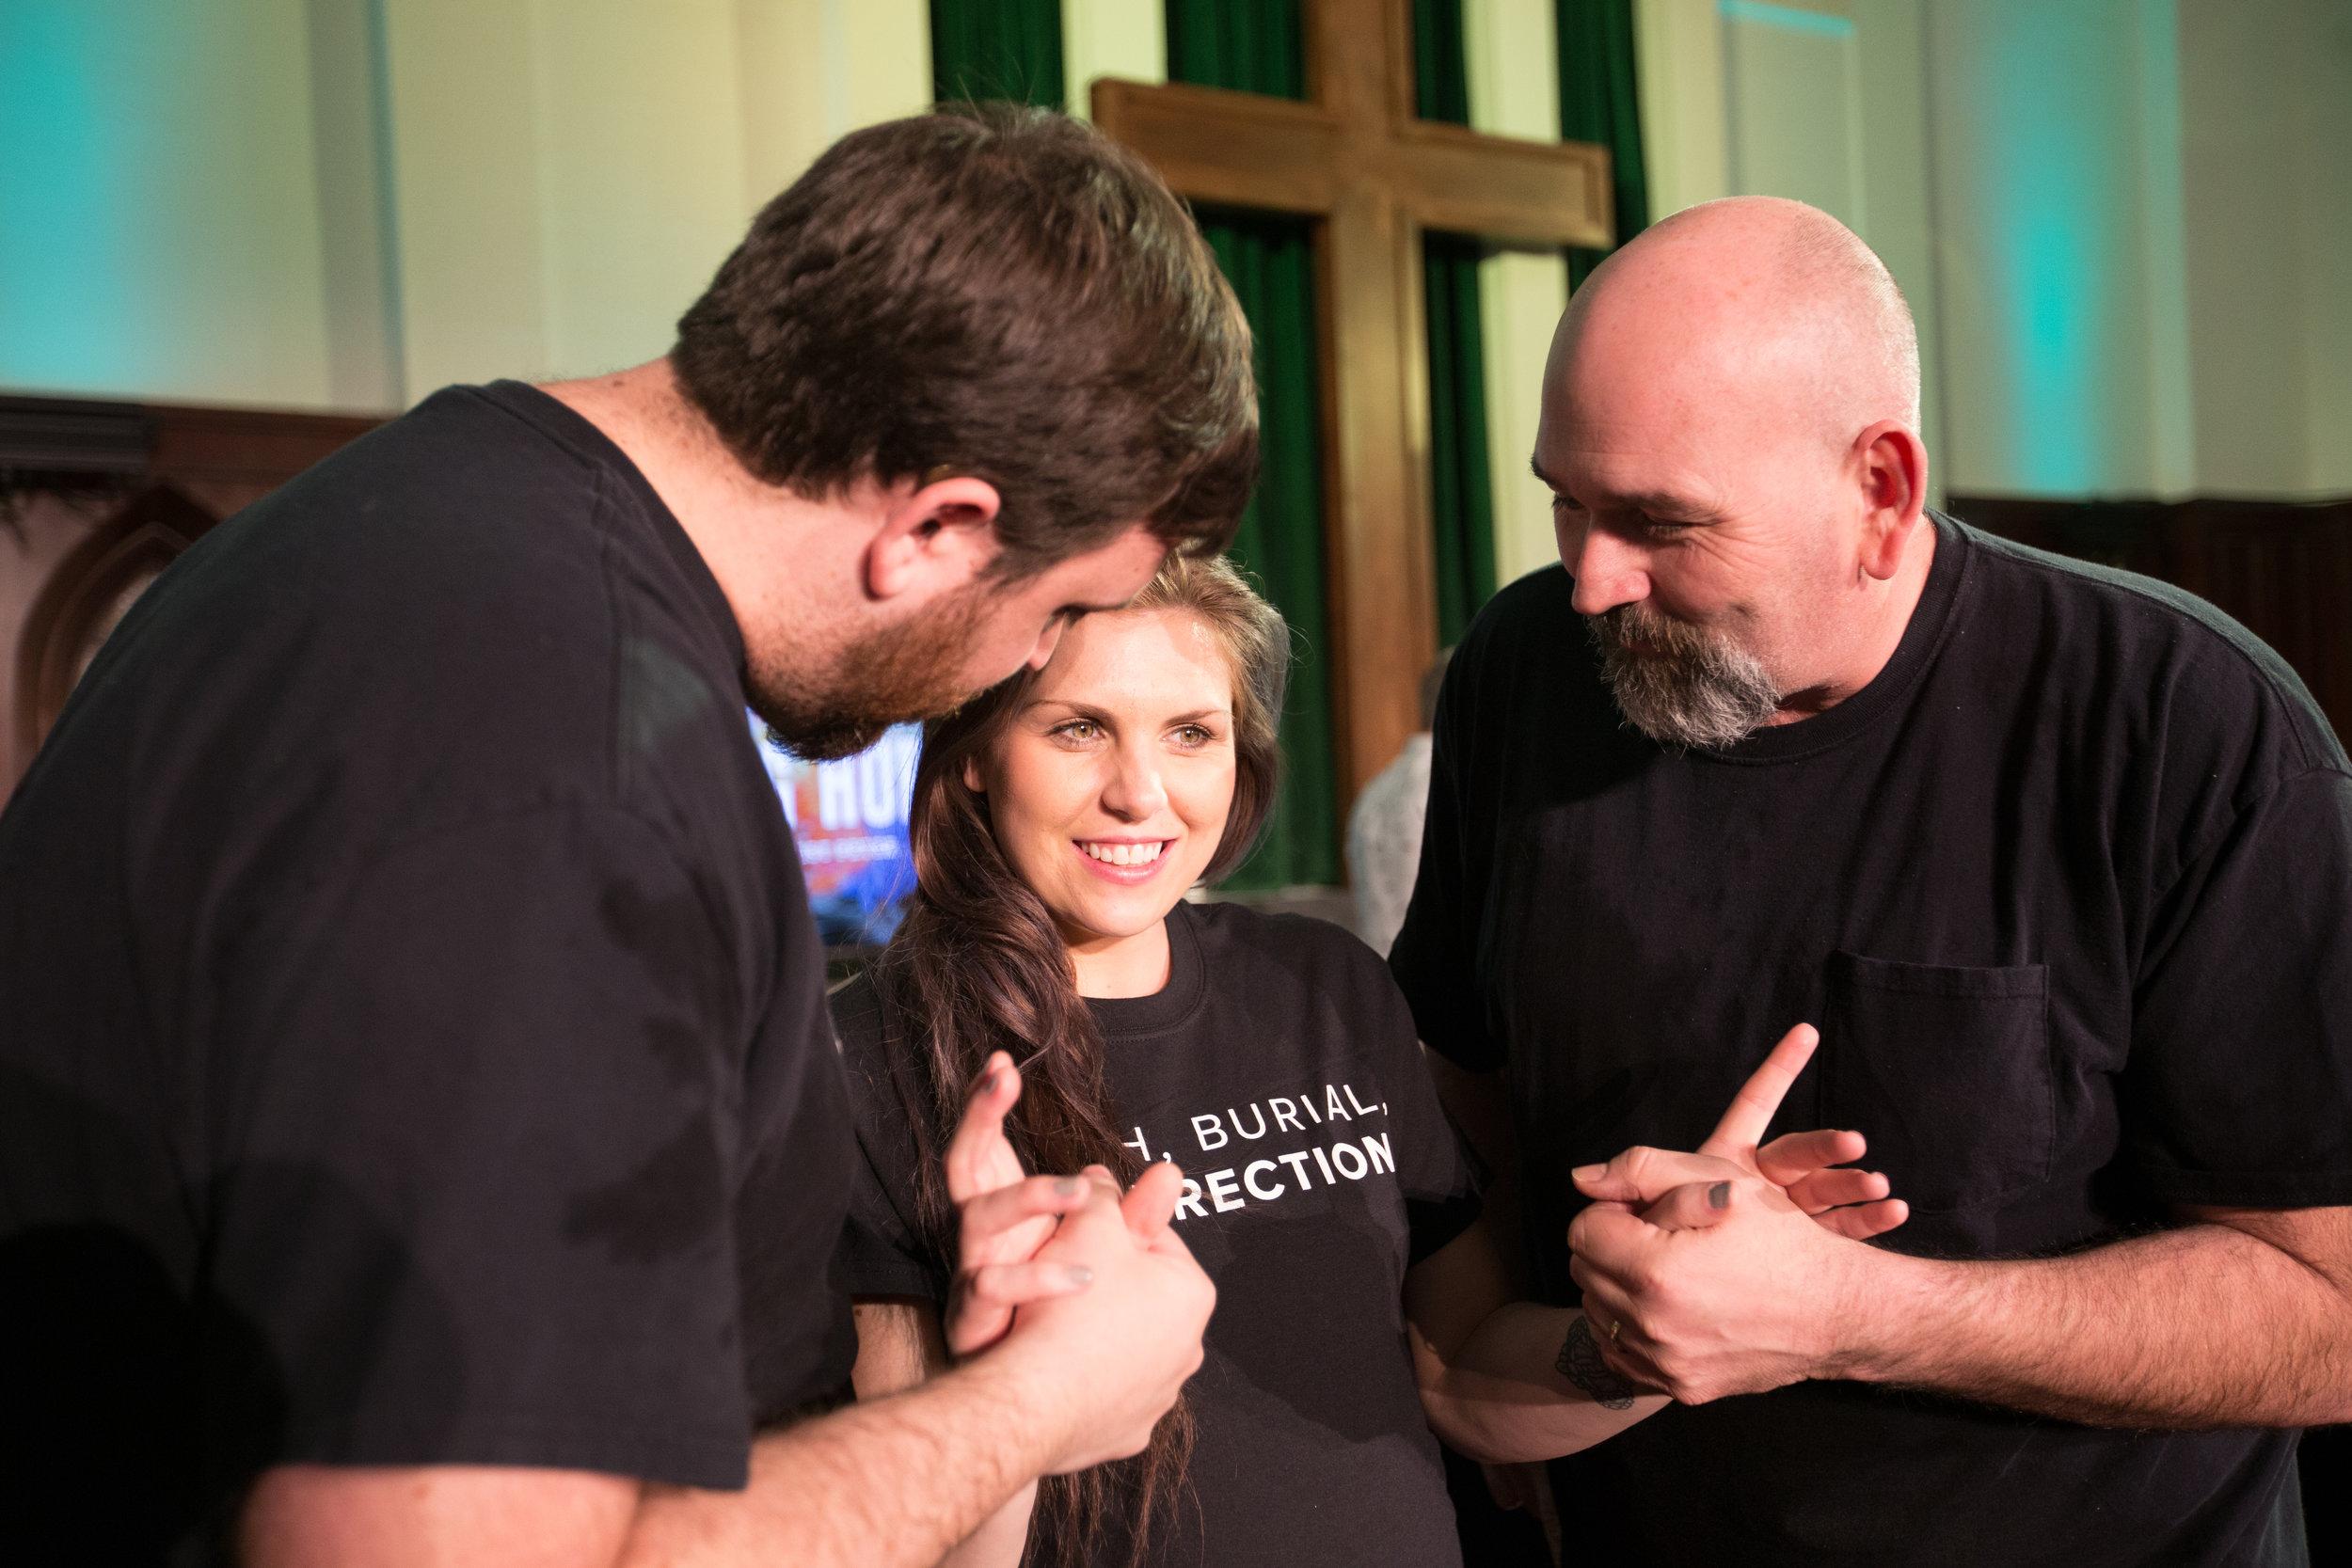 baptisms-1-8-17-21.jpg